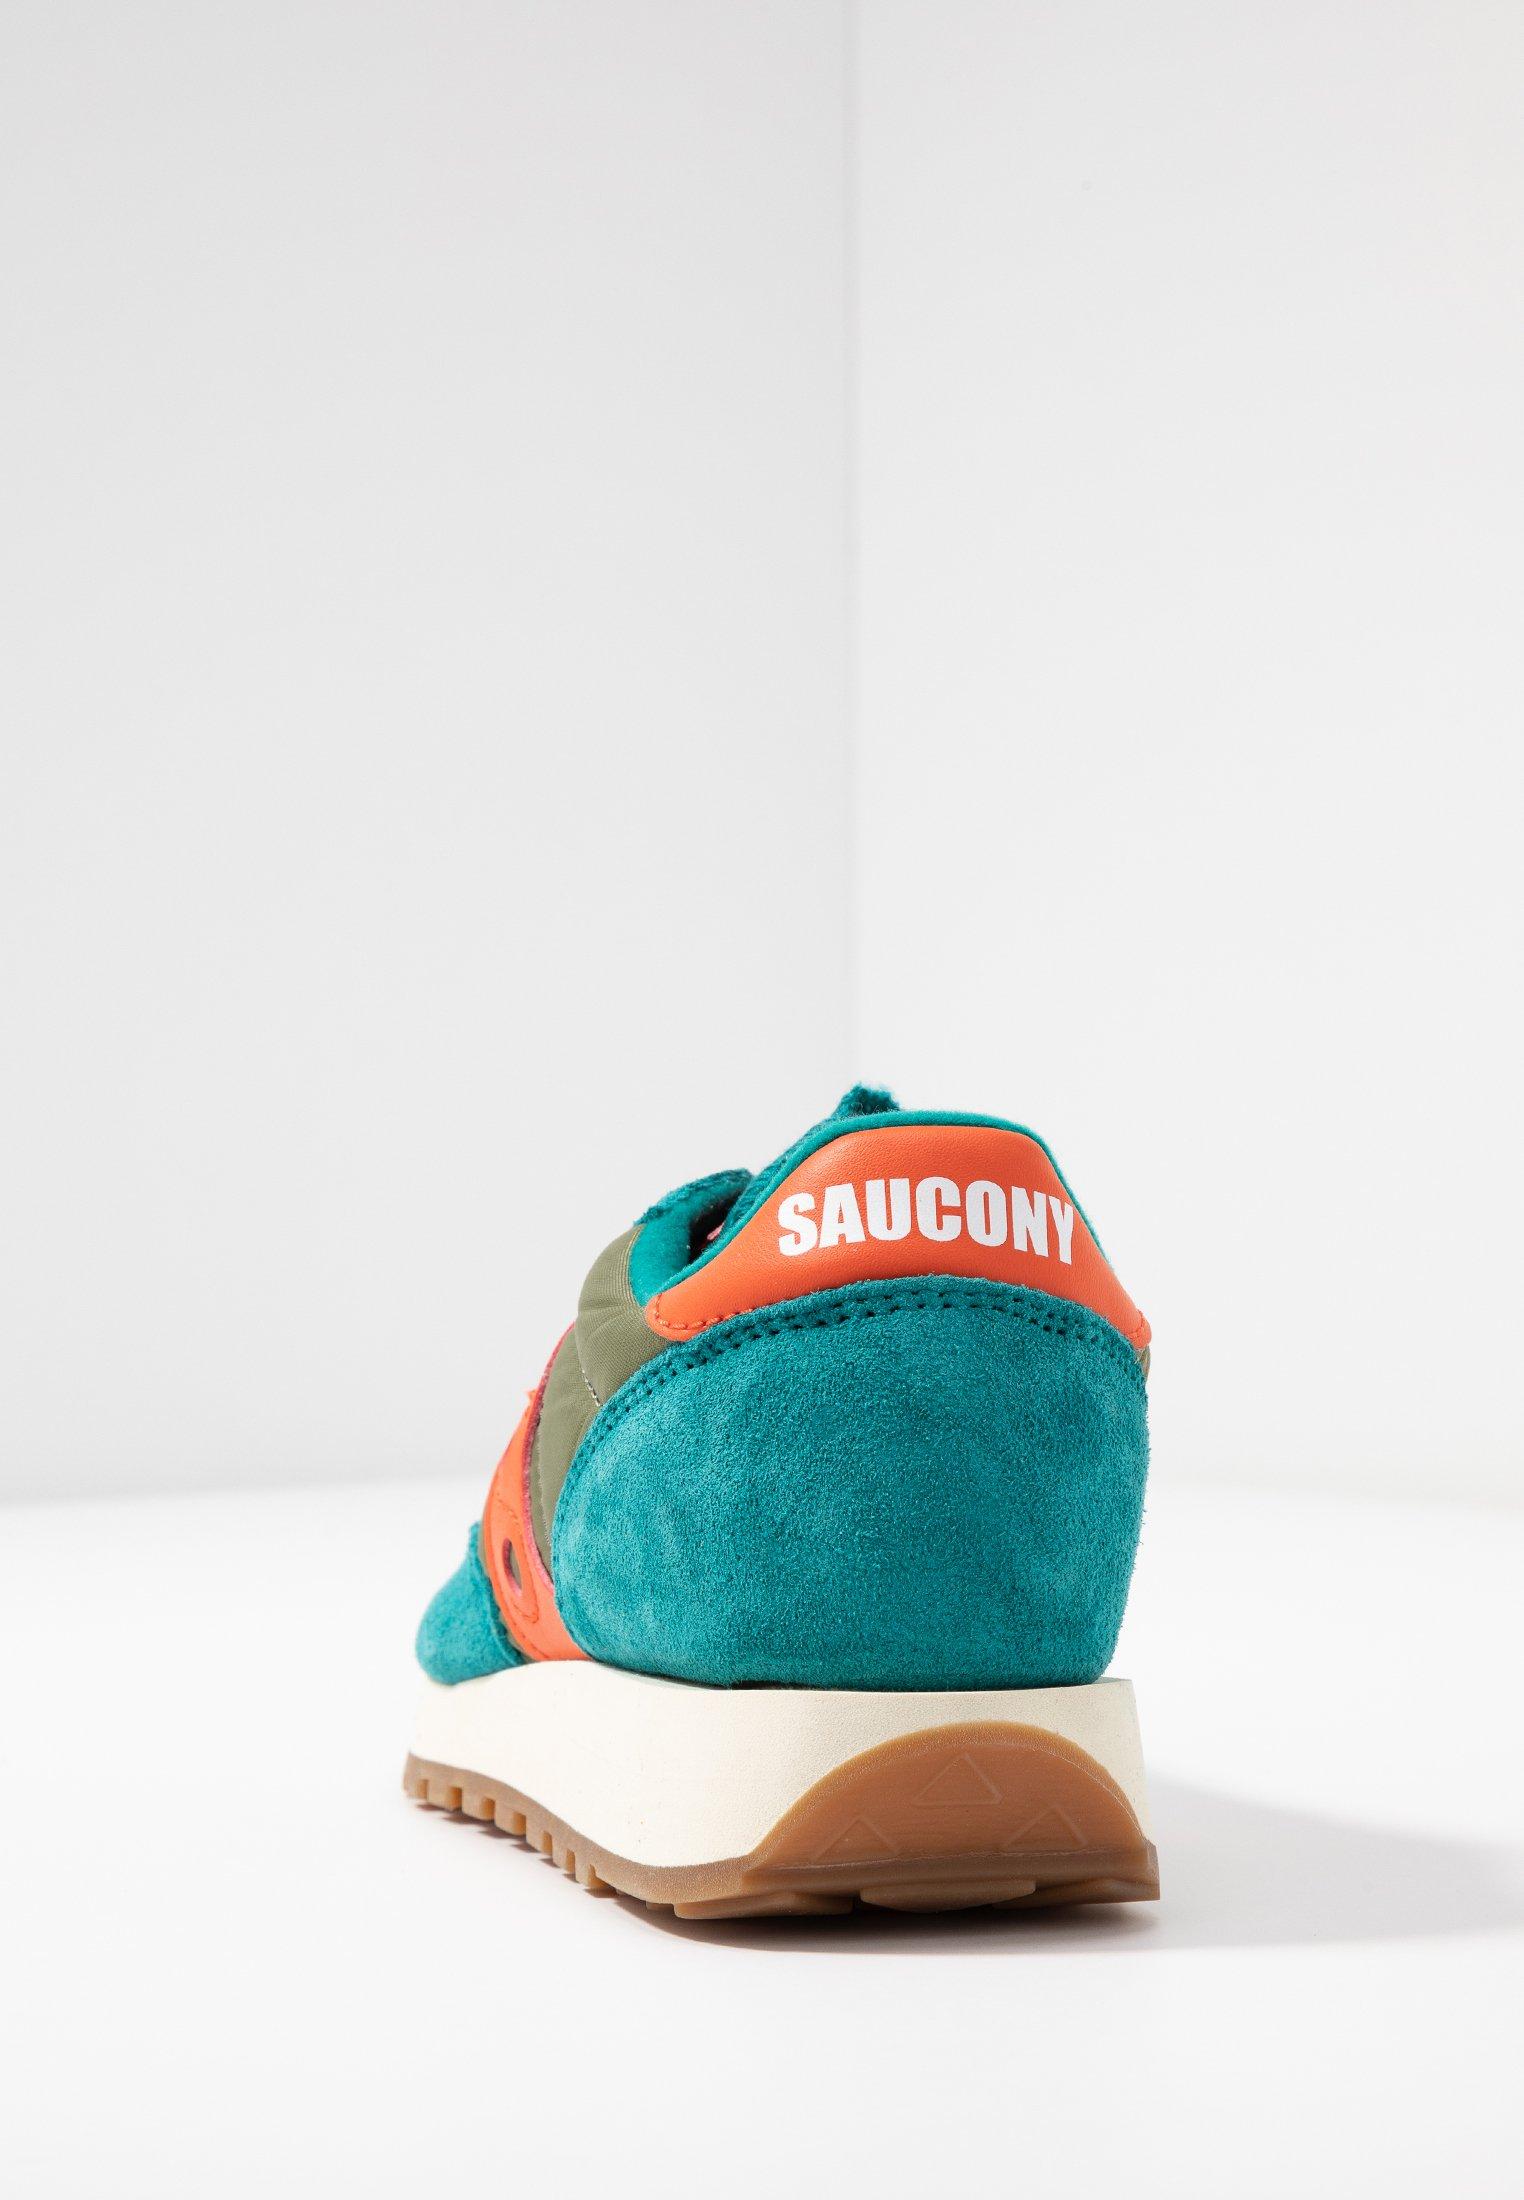 Saucony Jazz Vintage - Sneakers Laag Teal/olive/pink RogjPah